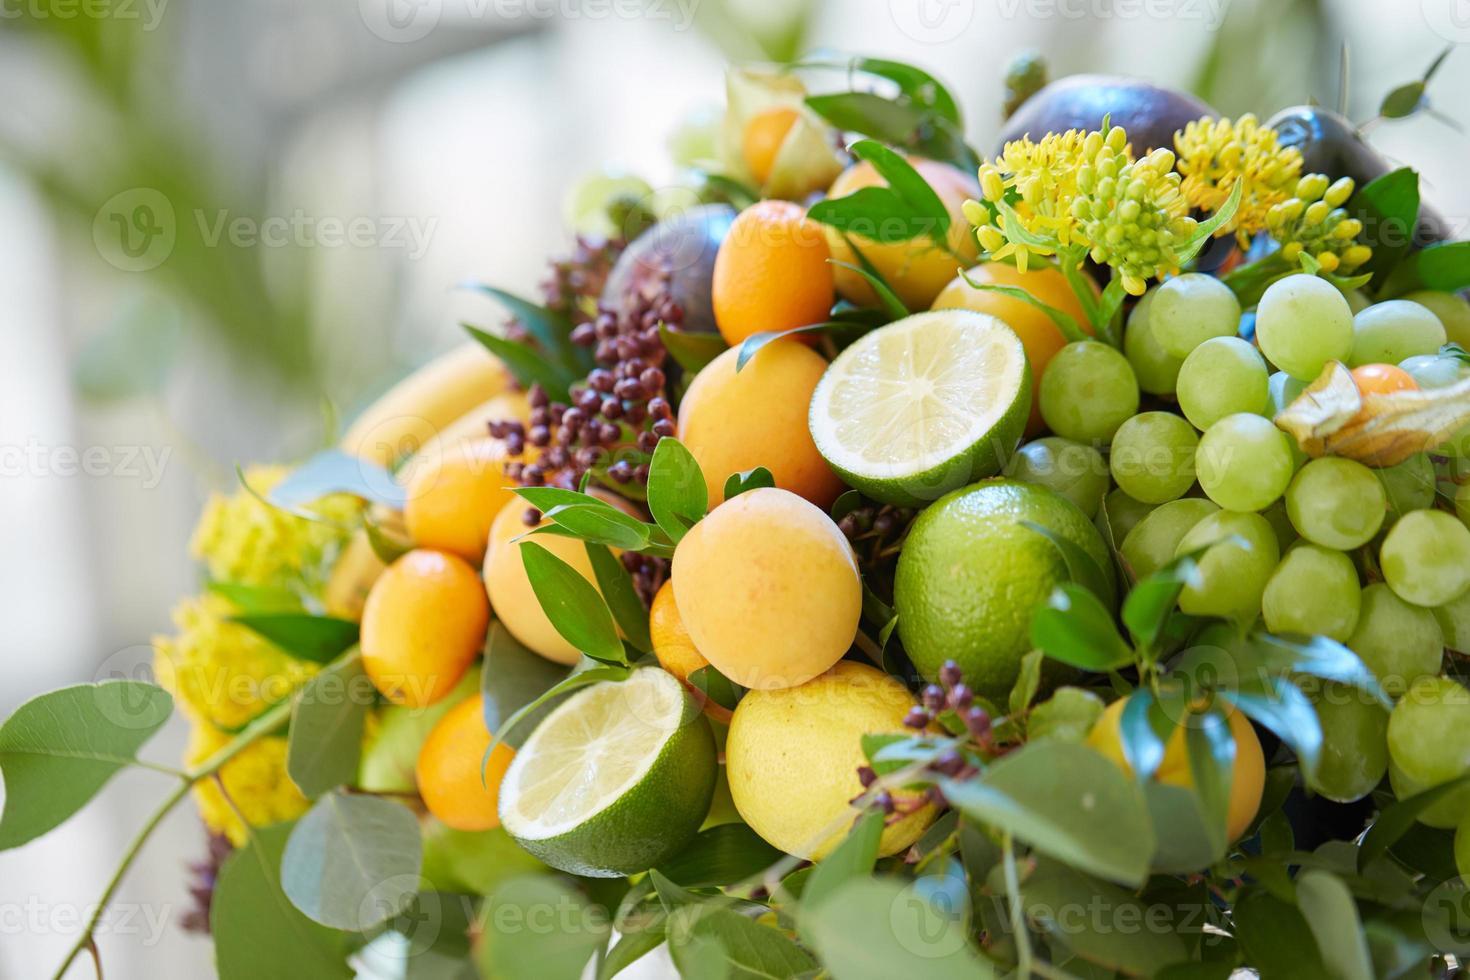 många olika frukter tillsammans foto